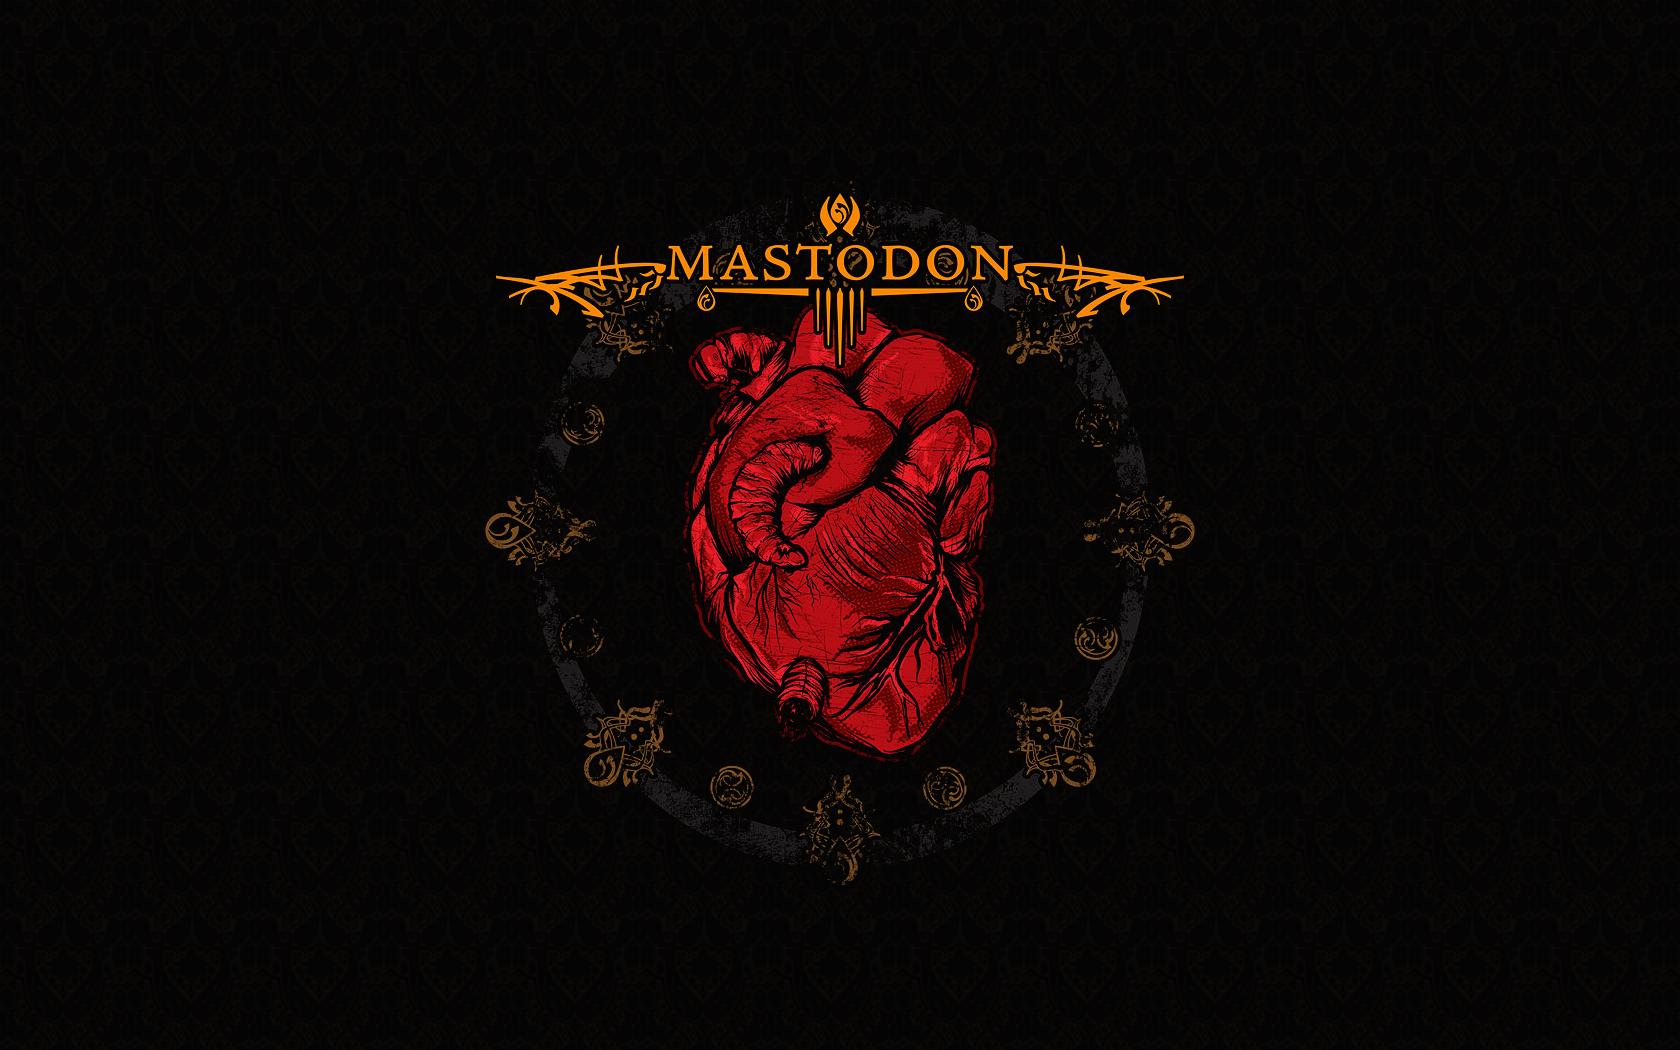 heart of mastodon original image i believe is from www